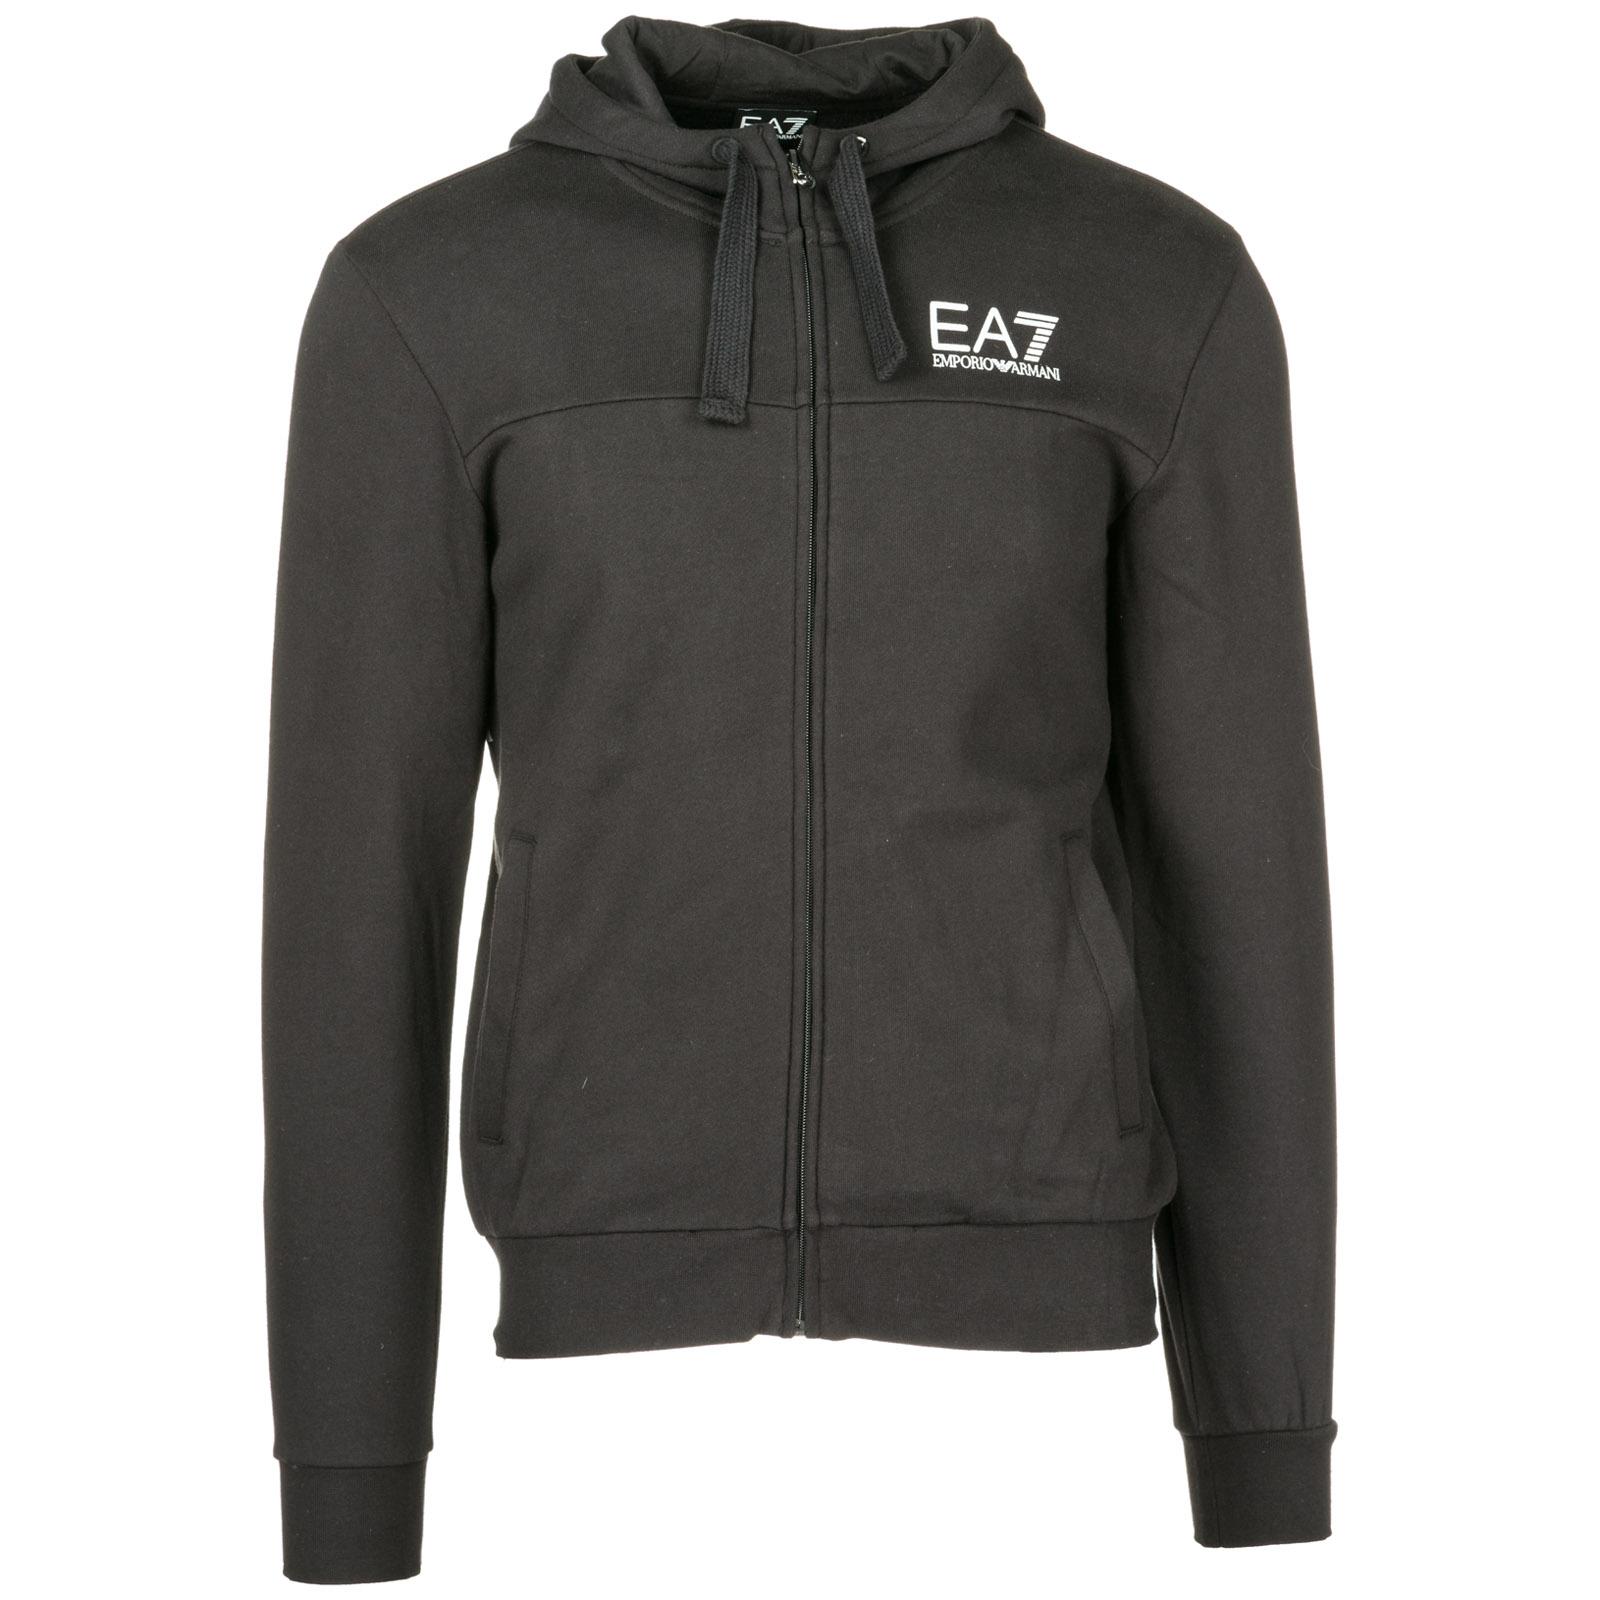 8a1505023c8a5 Men's sweatshirt with zip sweat